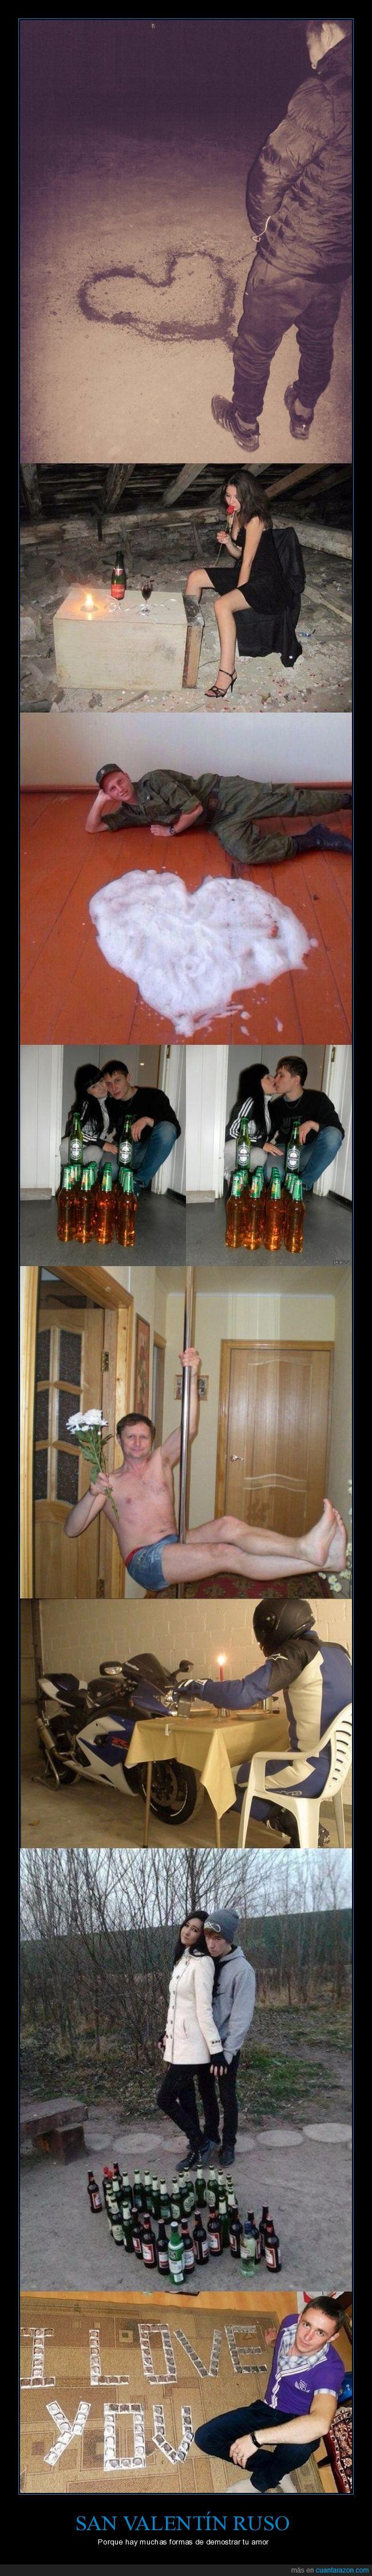 locos rusos,rusia,rusos,san valentín